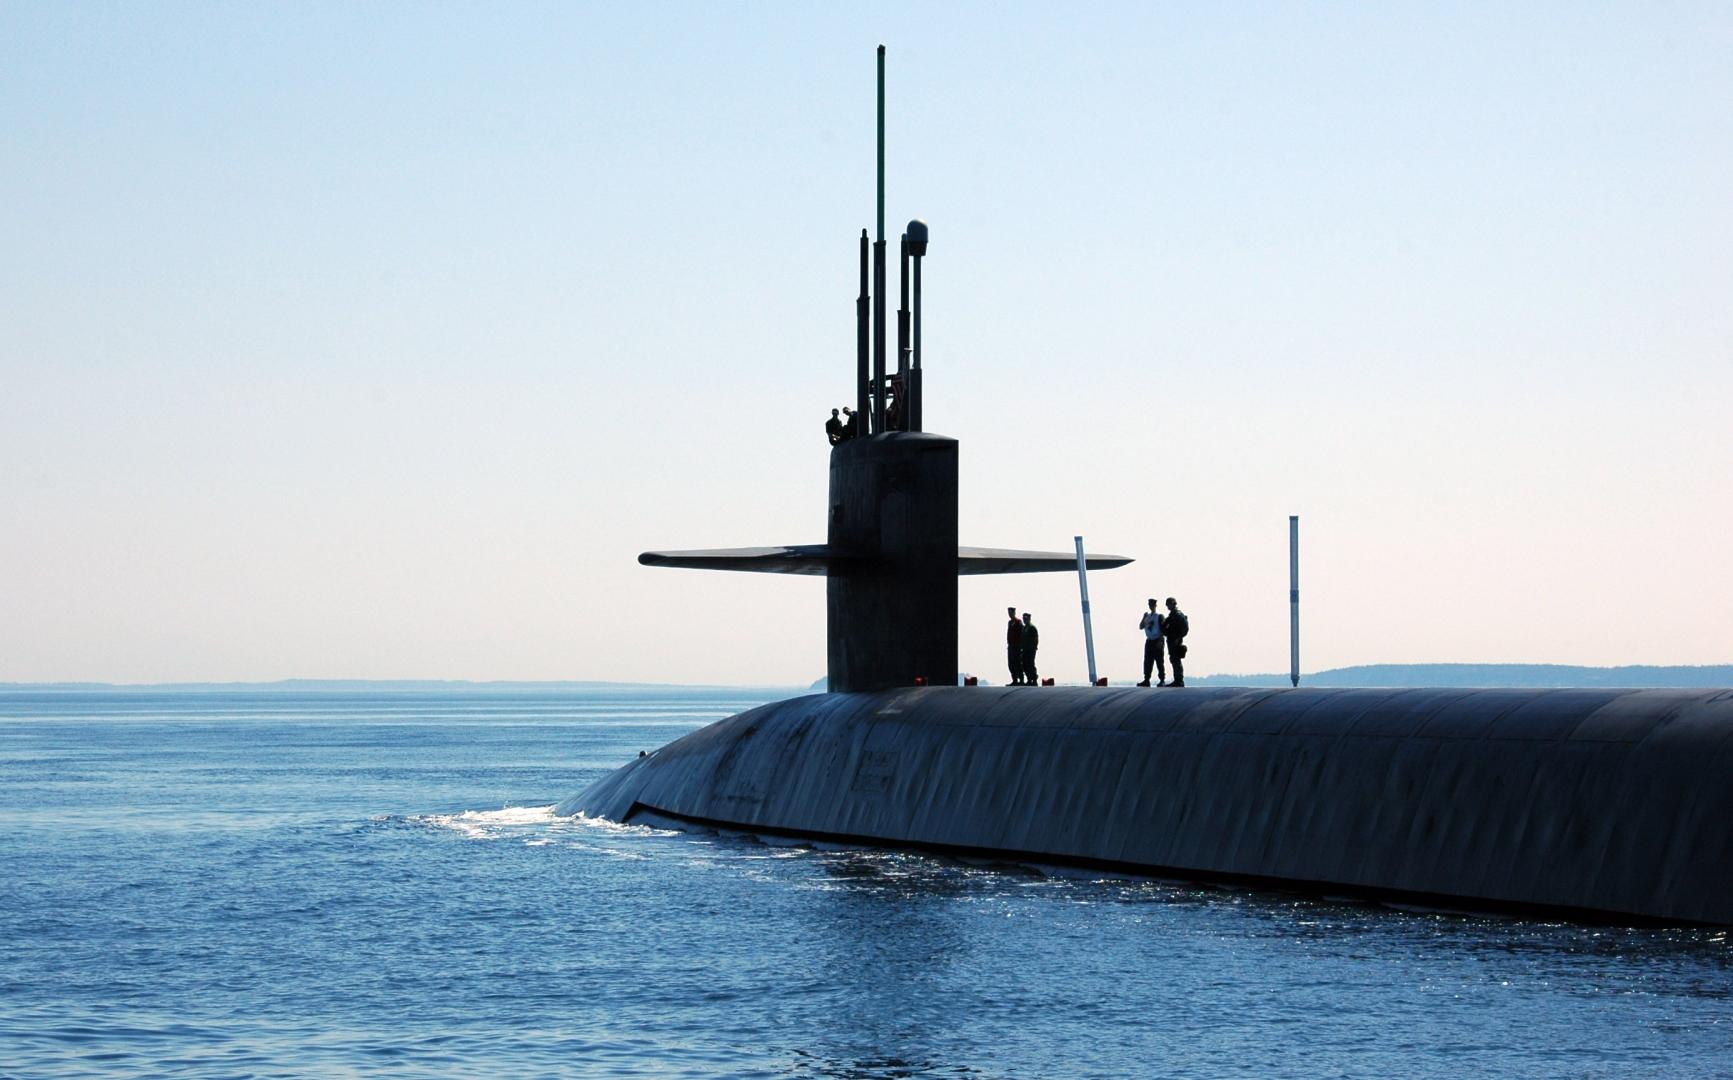 египте картинки и фото подводных лодок бекас, фото